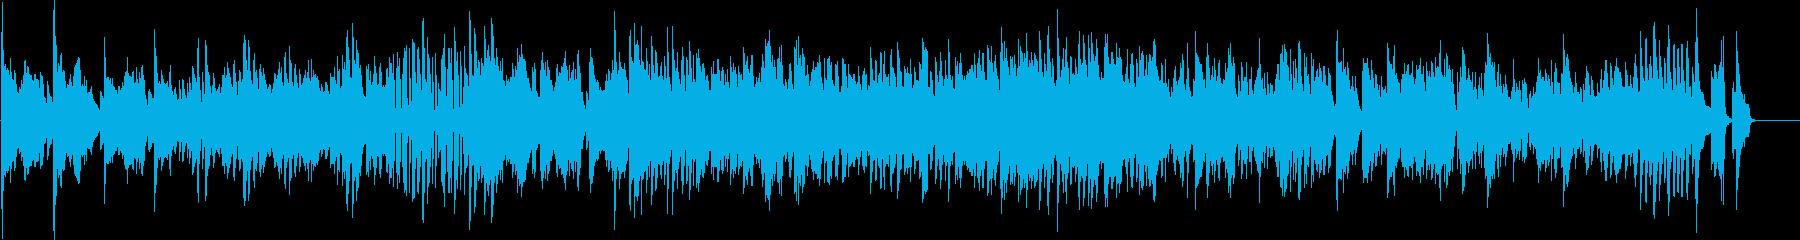 悲劇(ピアノソロ・壮大・美しい)の再生済みの波形